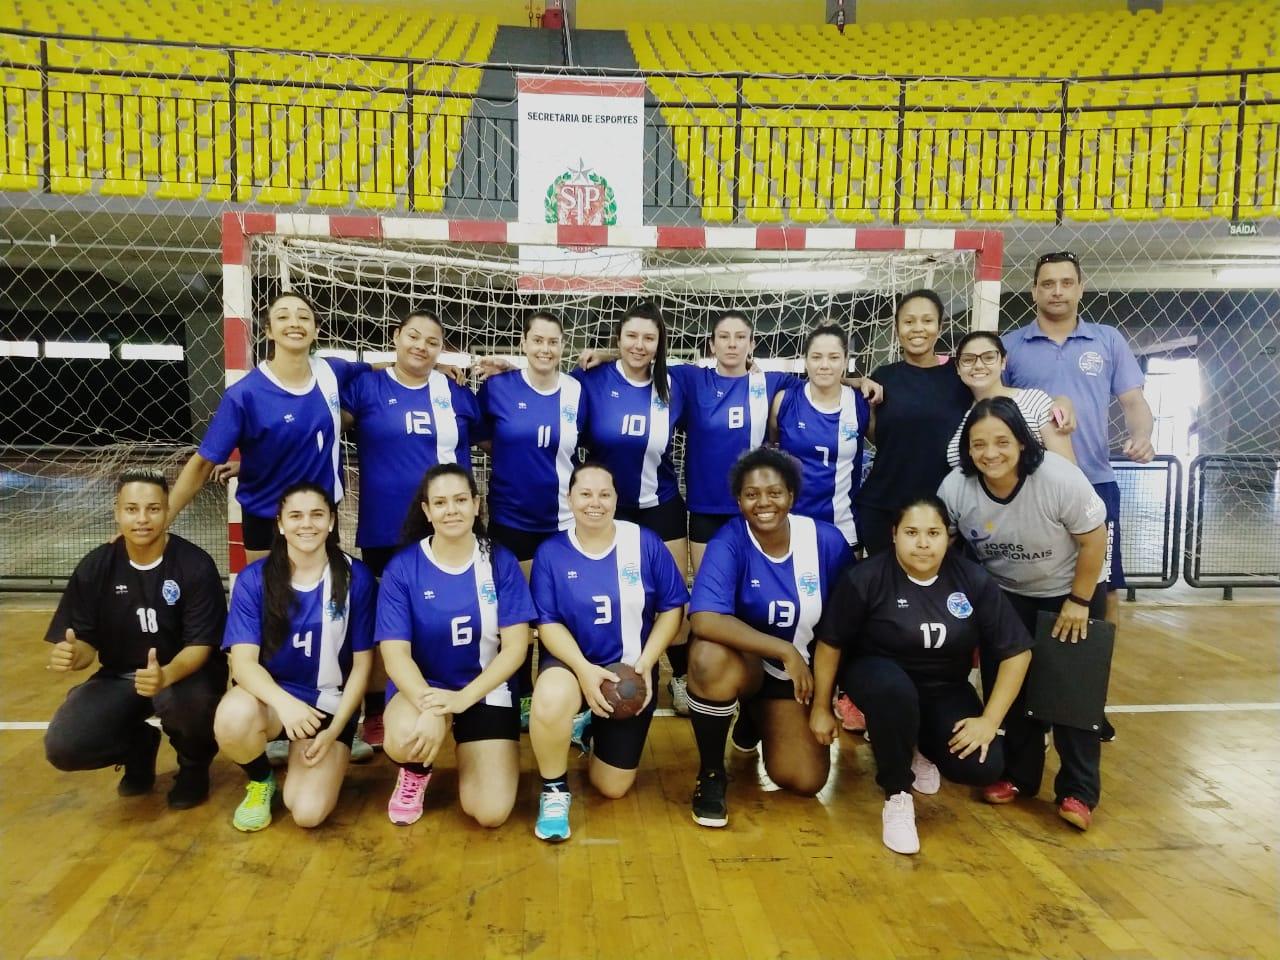 Equipe de Handebol feminino de Assis estréia nos abertos com vitória — Foto: Divulgação